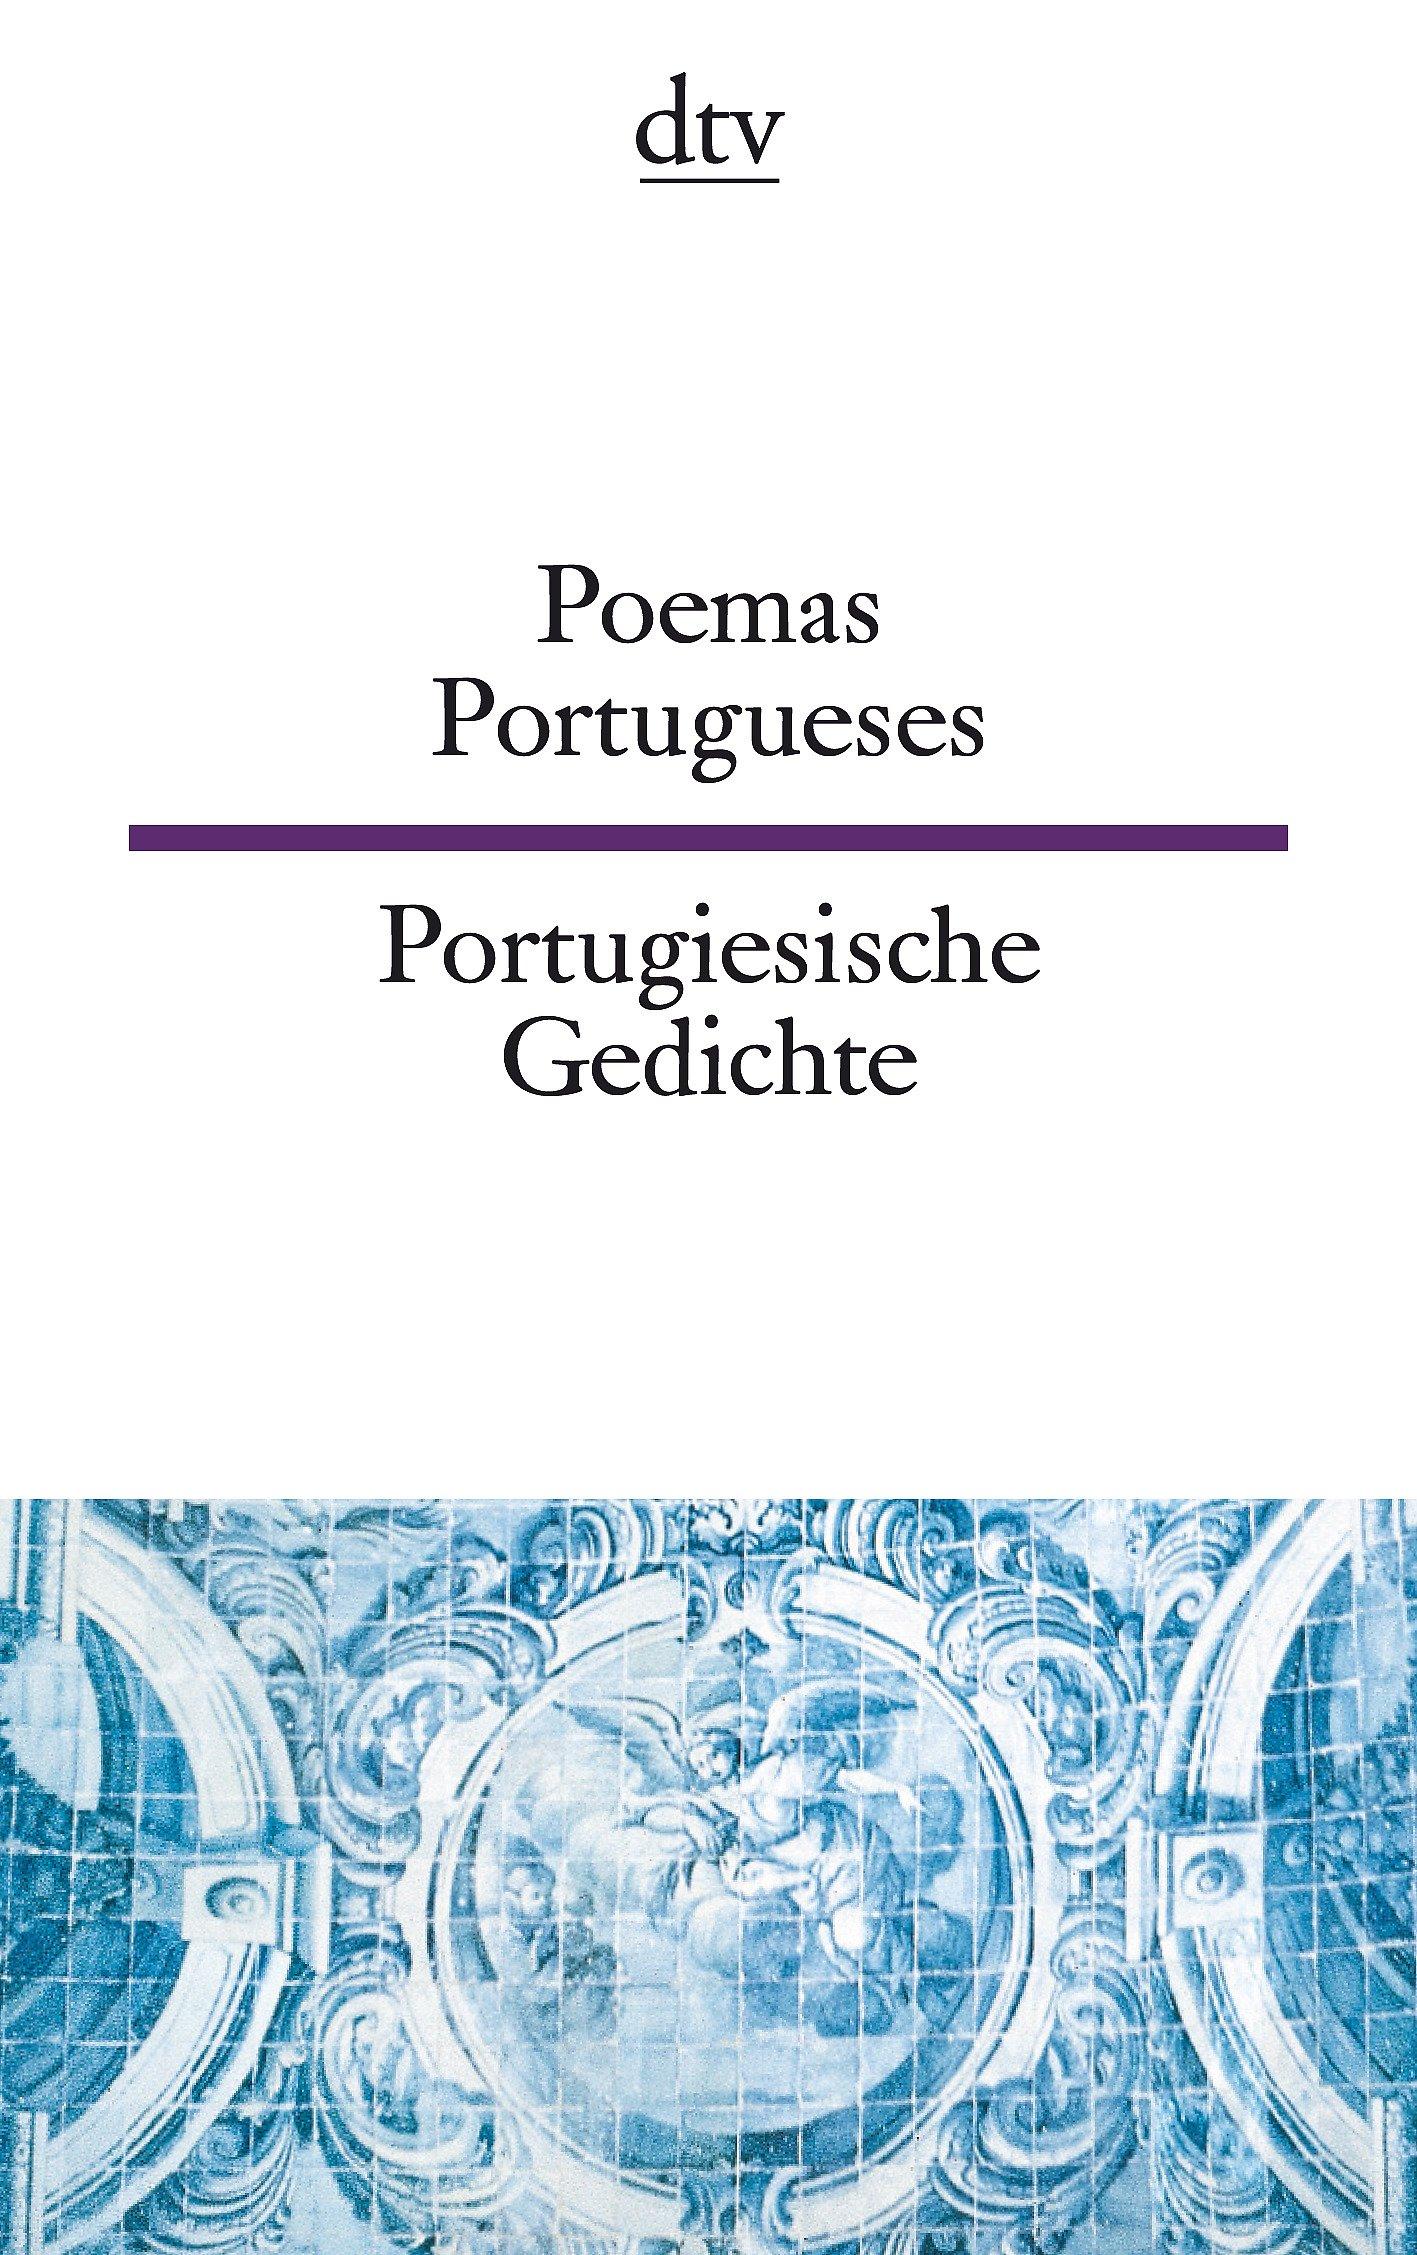 Poemas Portugueses Portugiesische Gedichte: vom Mittelalter bis zur Gegenwart (dtv zweisprachig)